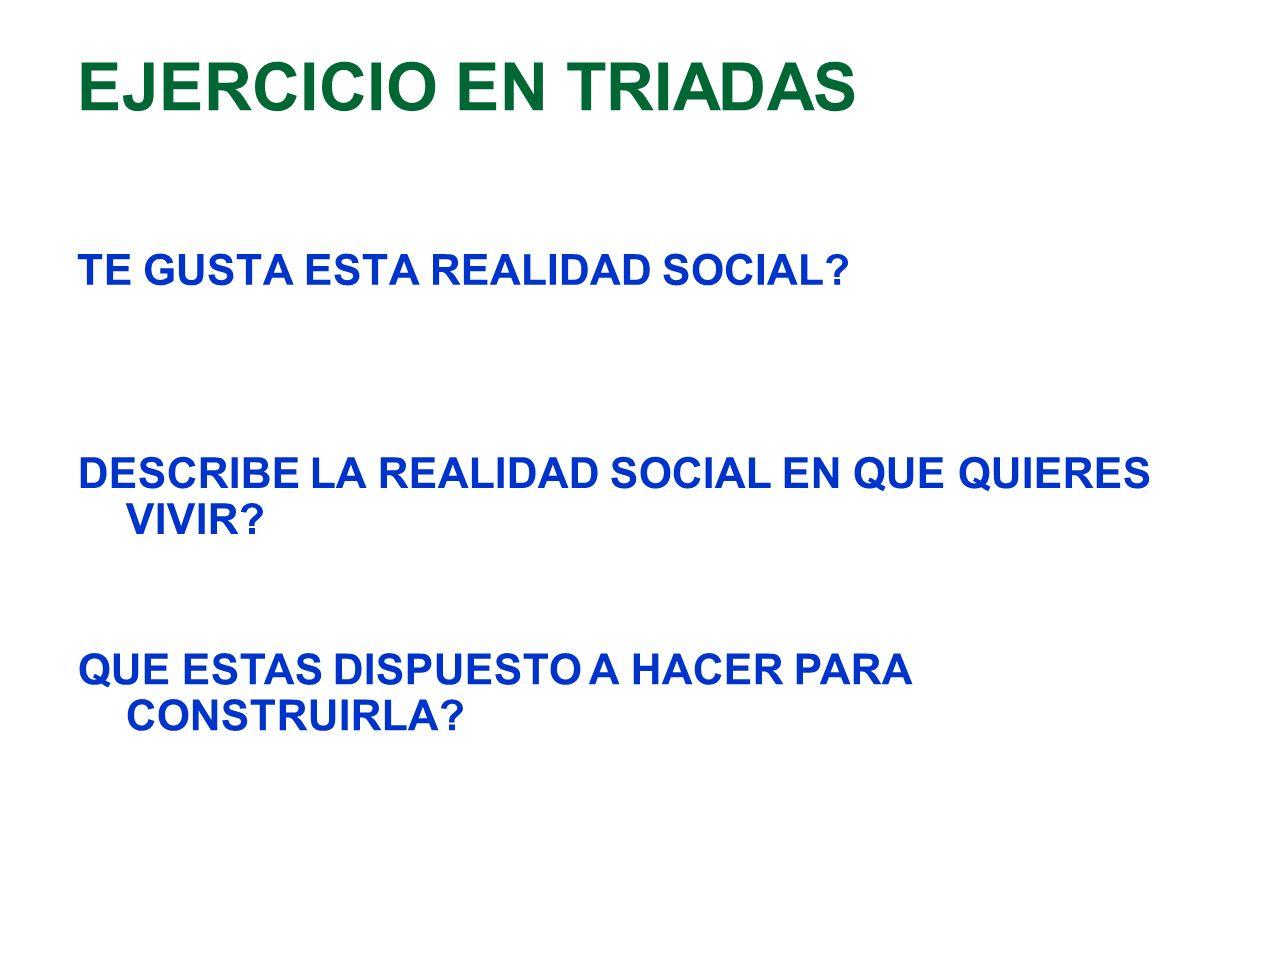 EJERCICIO EN TRIADAS TE GUSTA ESTA REALIDAD SOCIAL? DESCRIBE LA REALIDAD SOCIAL EN QUE QUIERES VIVIR? QUE ESTAS DISPUESTO A HACER PARA CONSTRUIRLA?